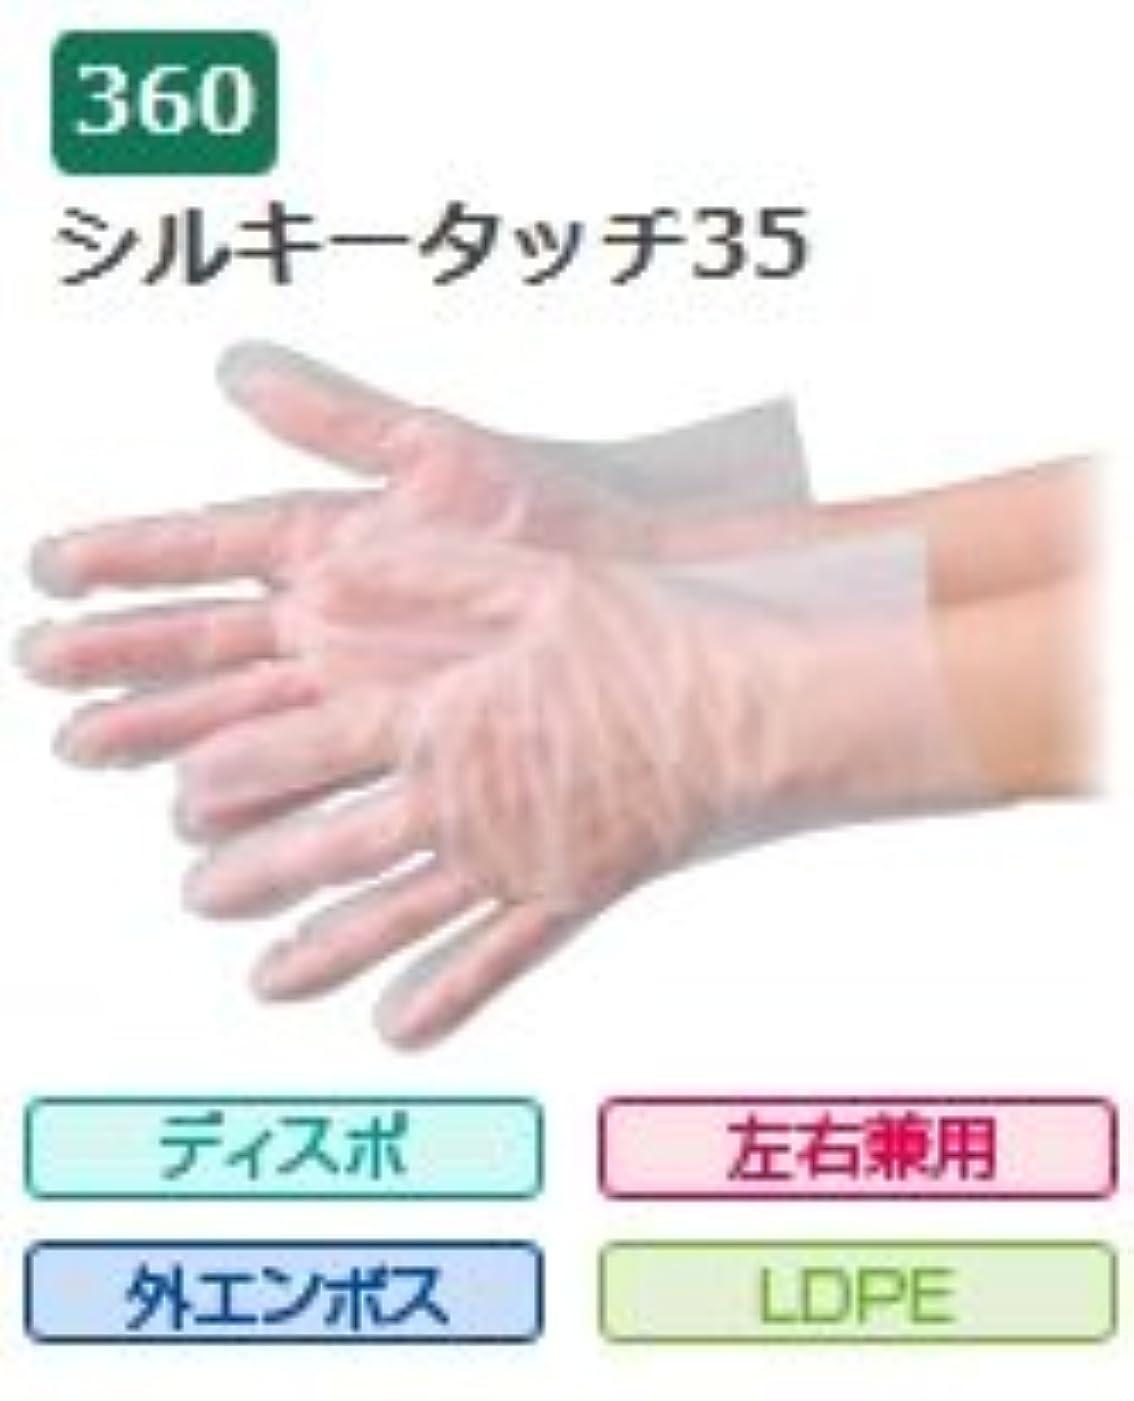 連合上がる無限エブノ ポリエチレン手袋 No.360 L 半透明 (100枚×50袋) シルキータッチ35 袋入